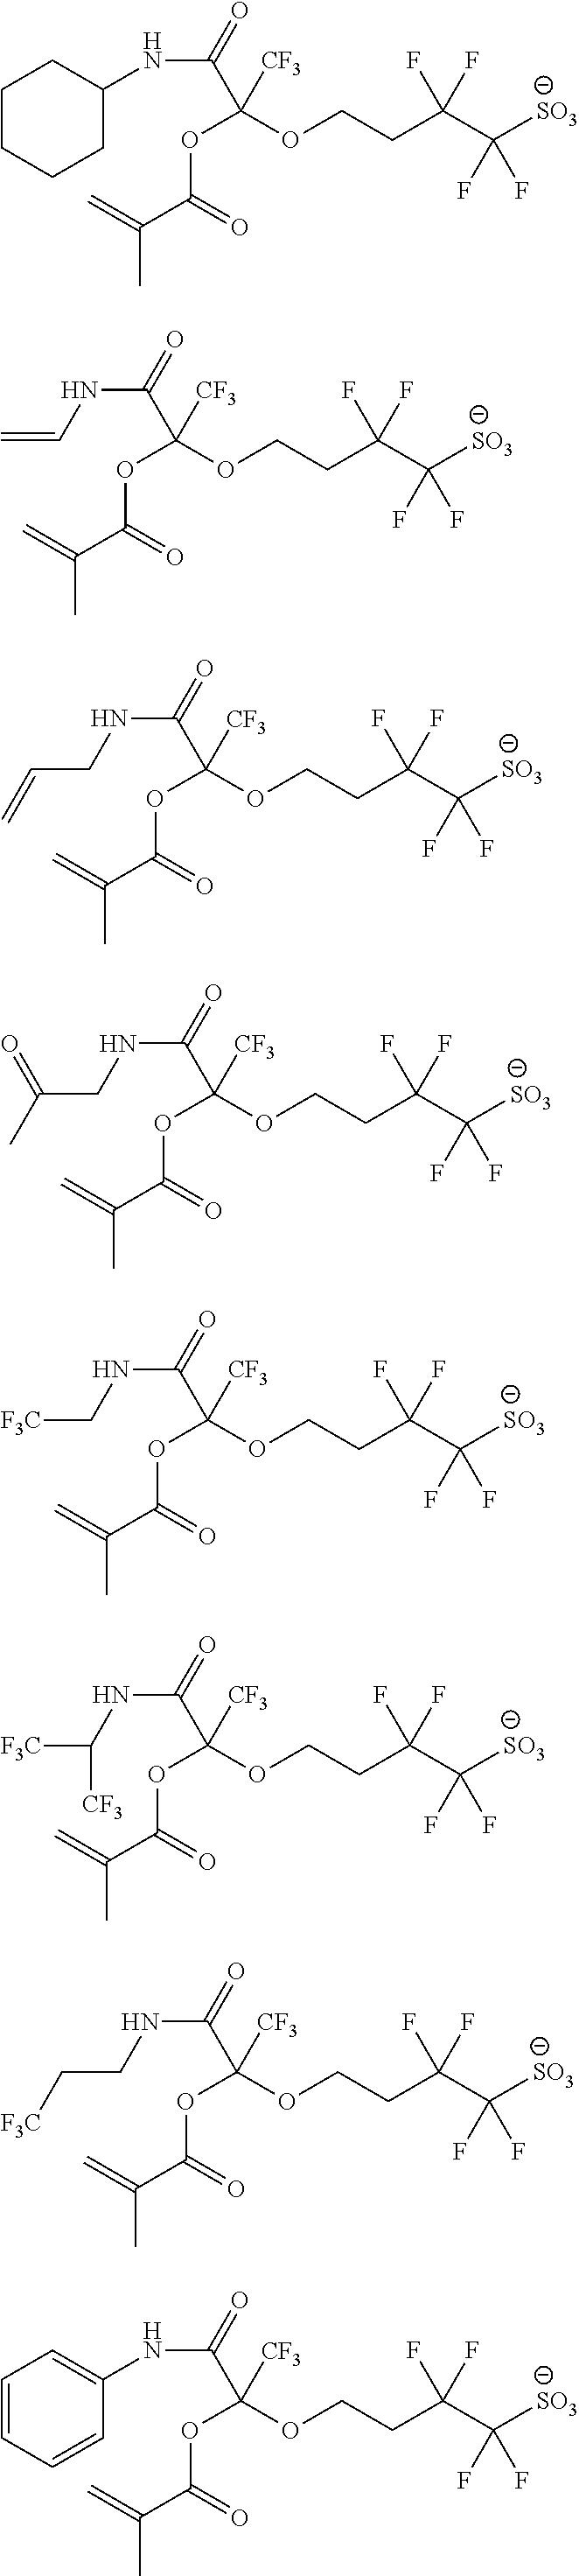 Figure US09182664-20151110-C00095